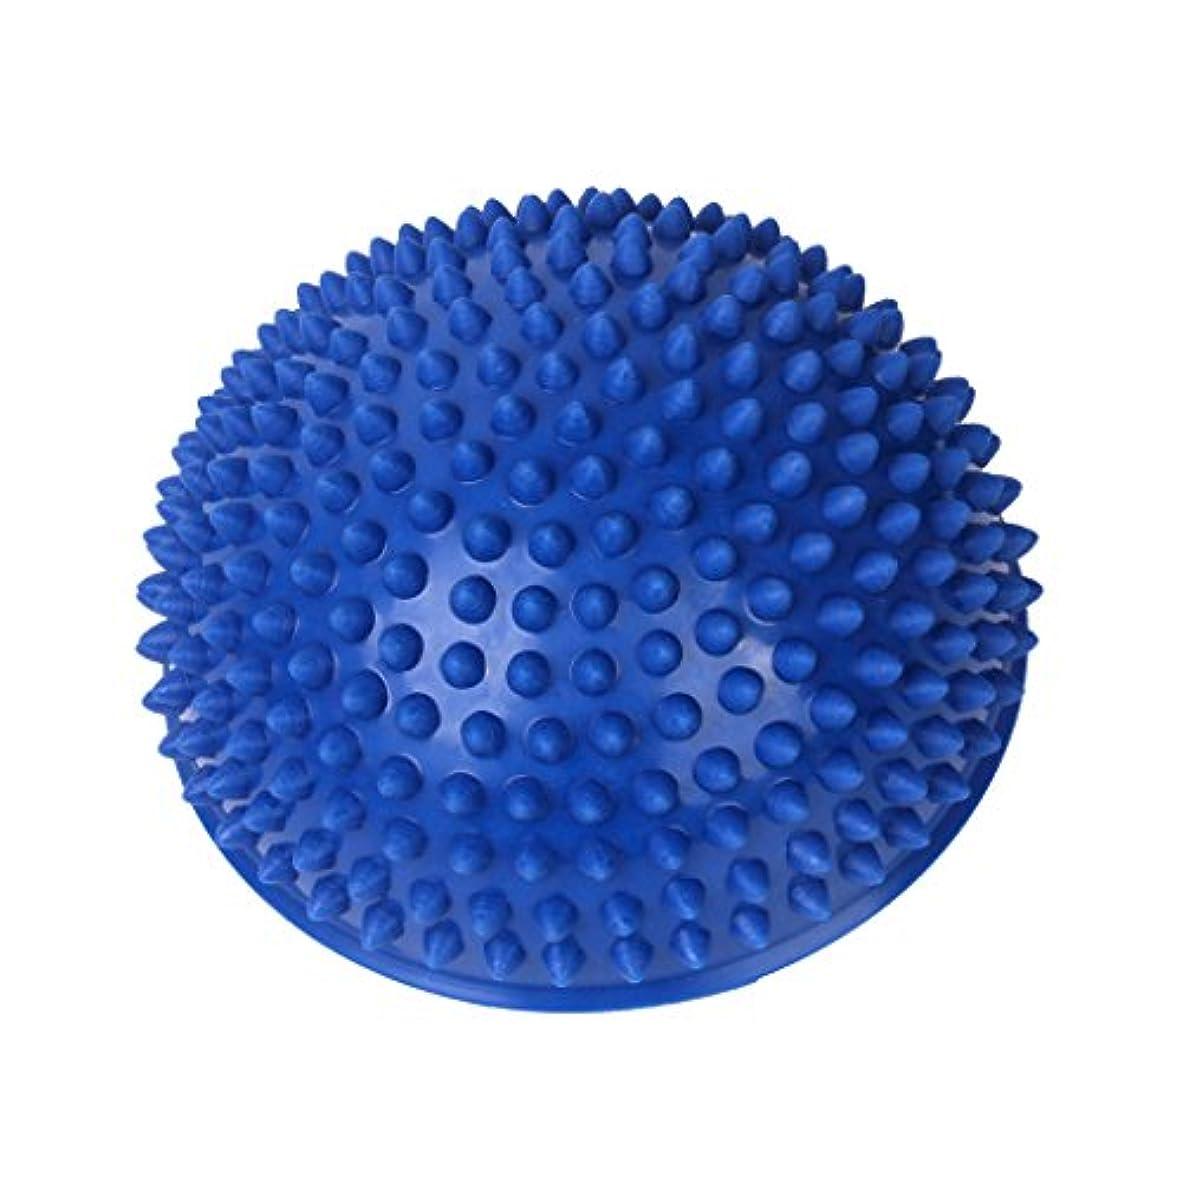 シビック系統的逮捕Footful マッサージボール 半球 健康グッズ 健康器具 血液循環促進 緊張緩和 ブルー